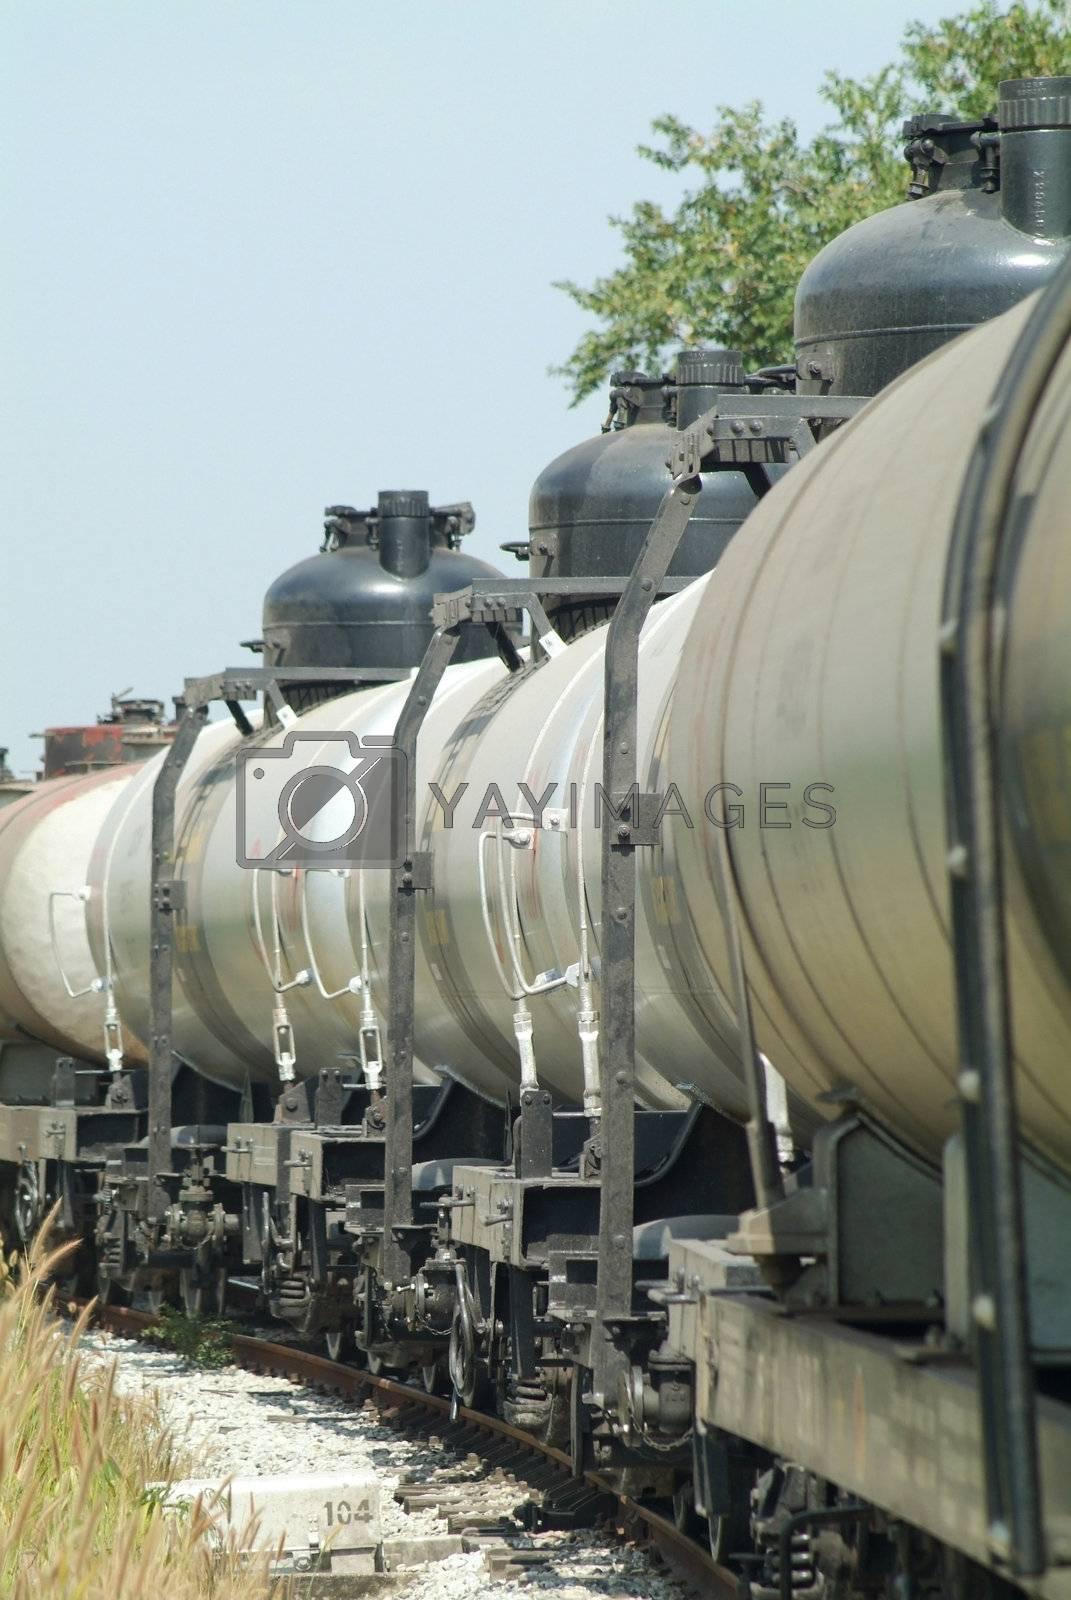 Freight train by epixx